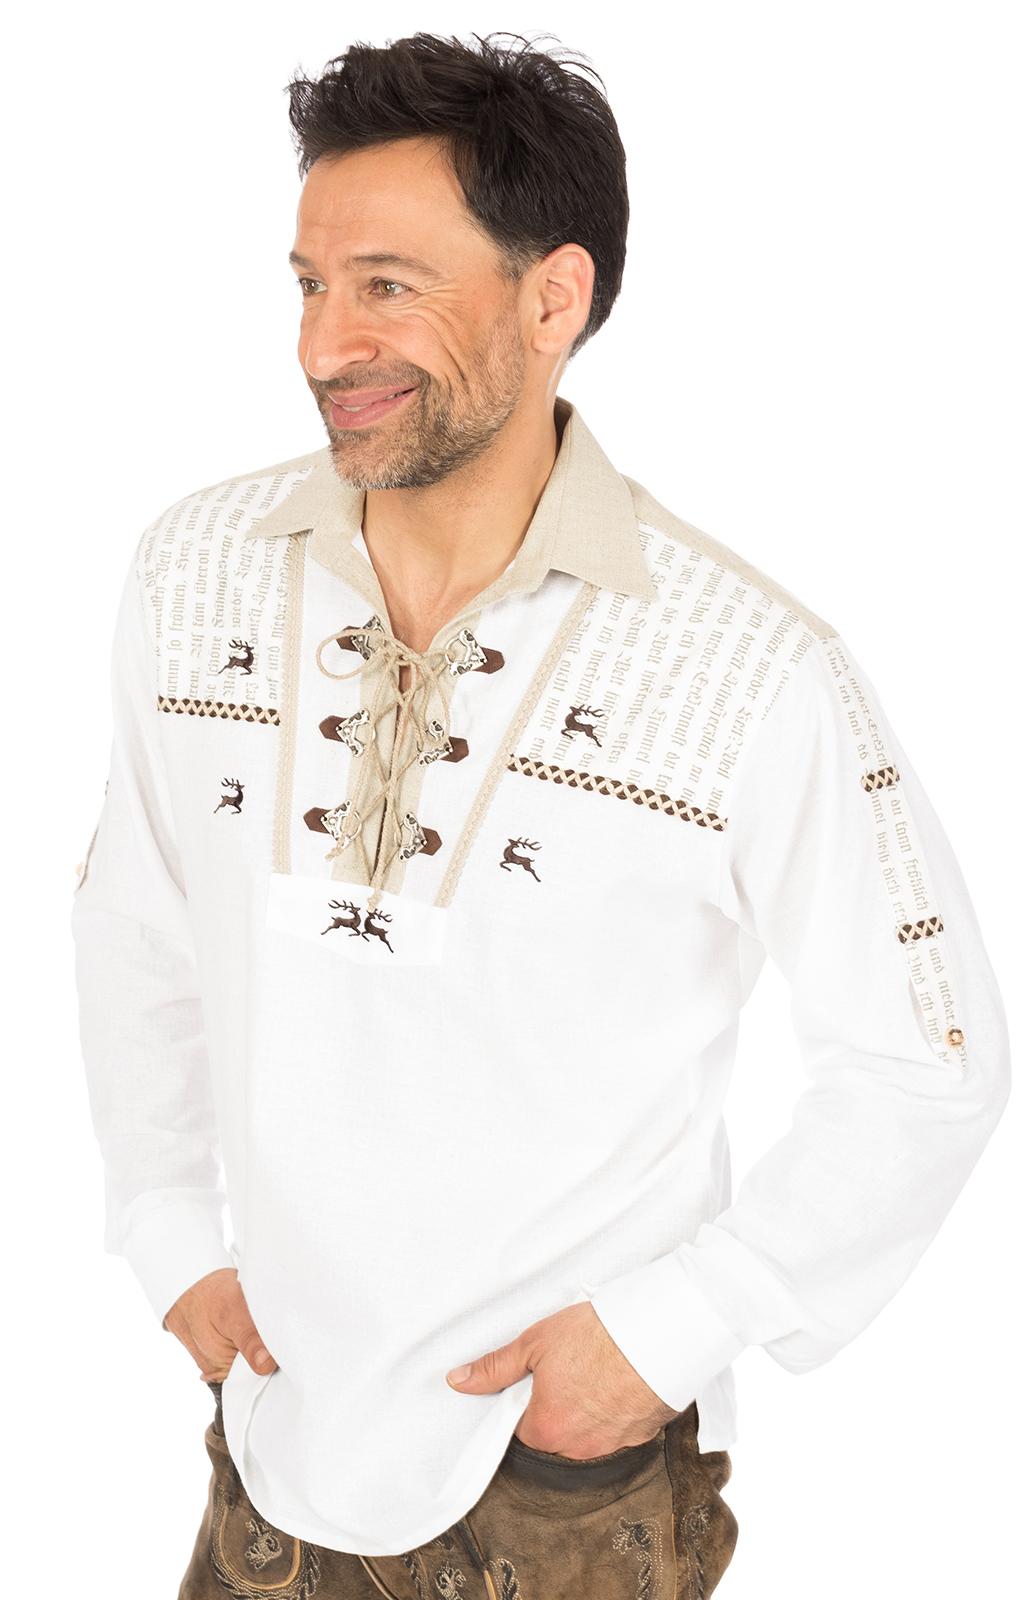 Trachtenhemd BORRIS Schlupfform weiss von OS-Trachten